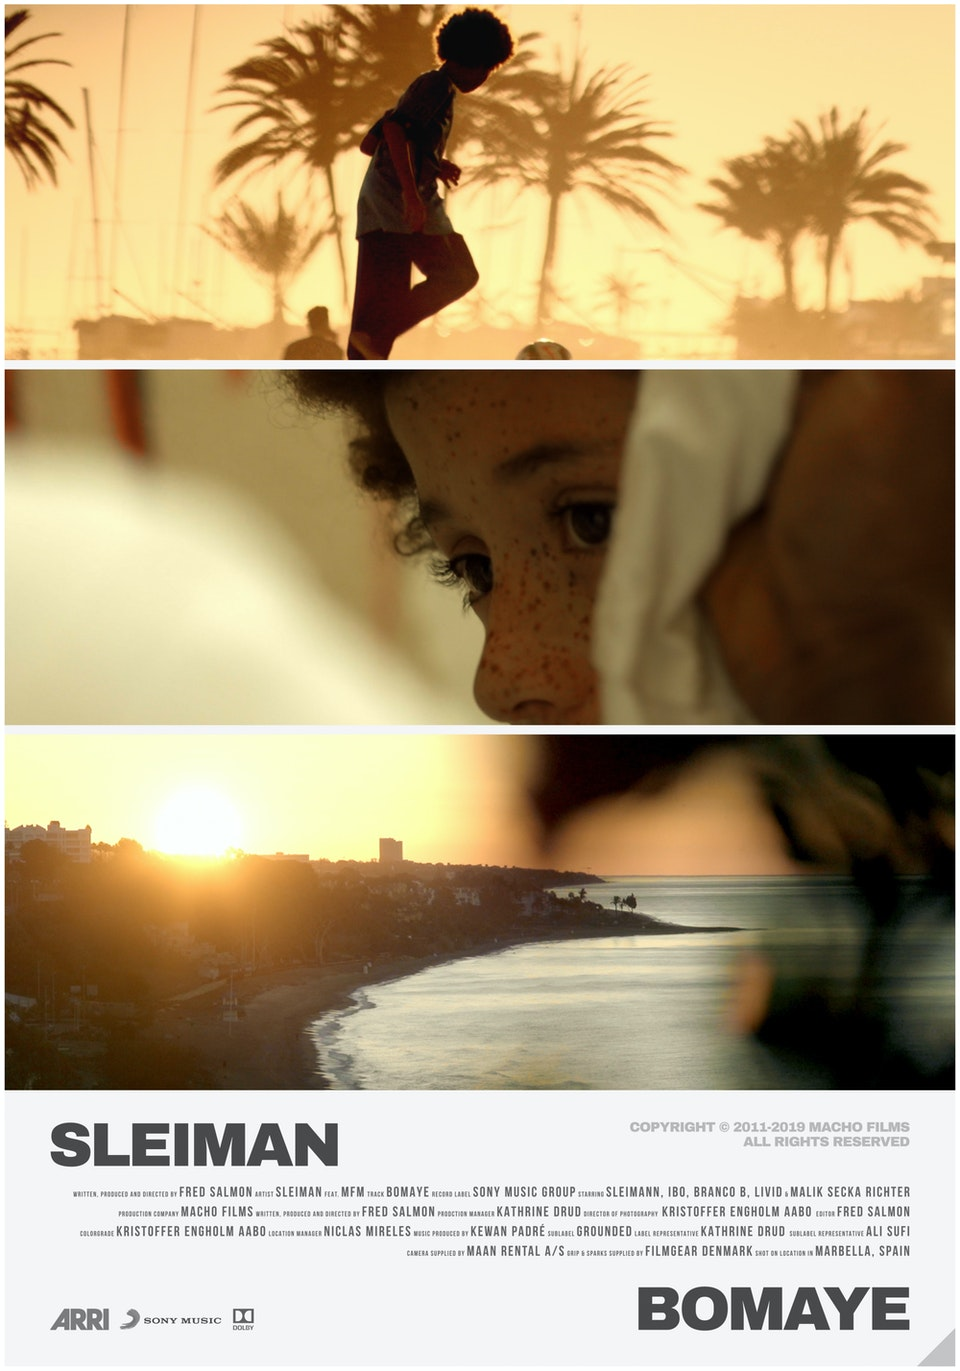 M A C H O - Sleiman // Bomaye